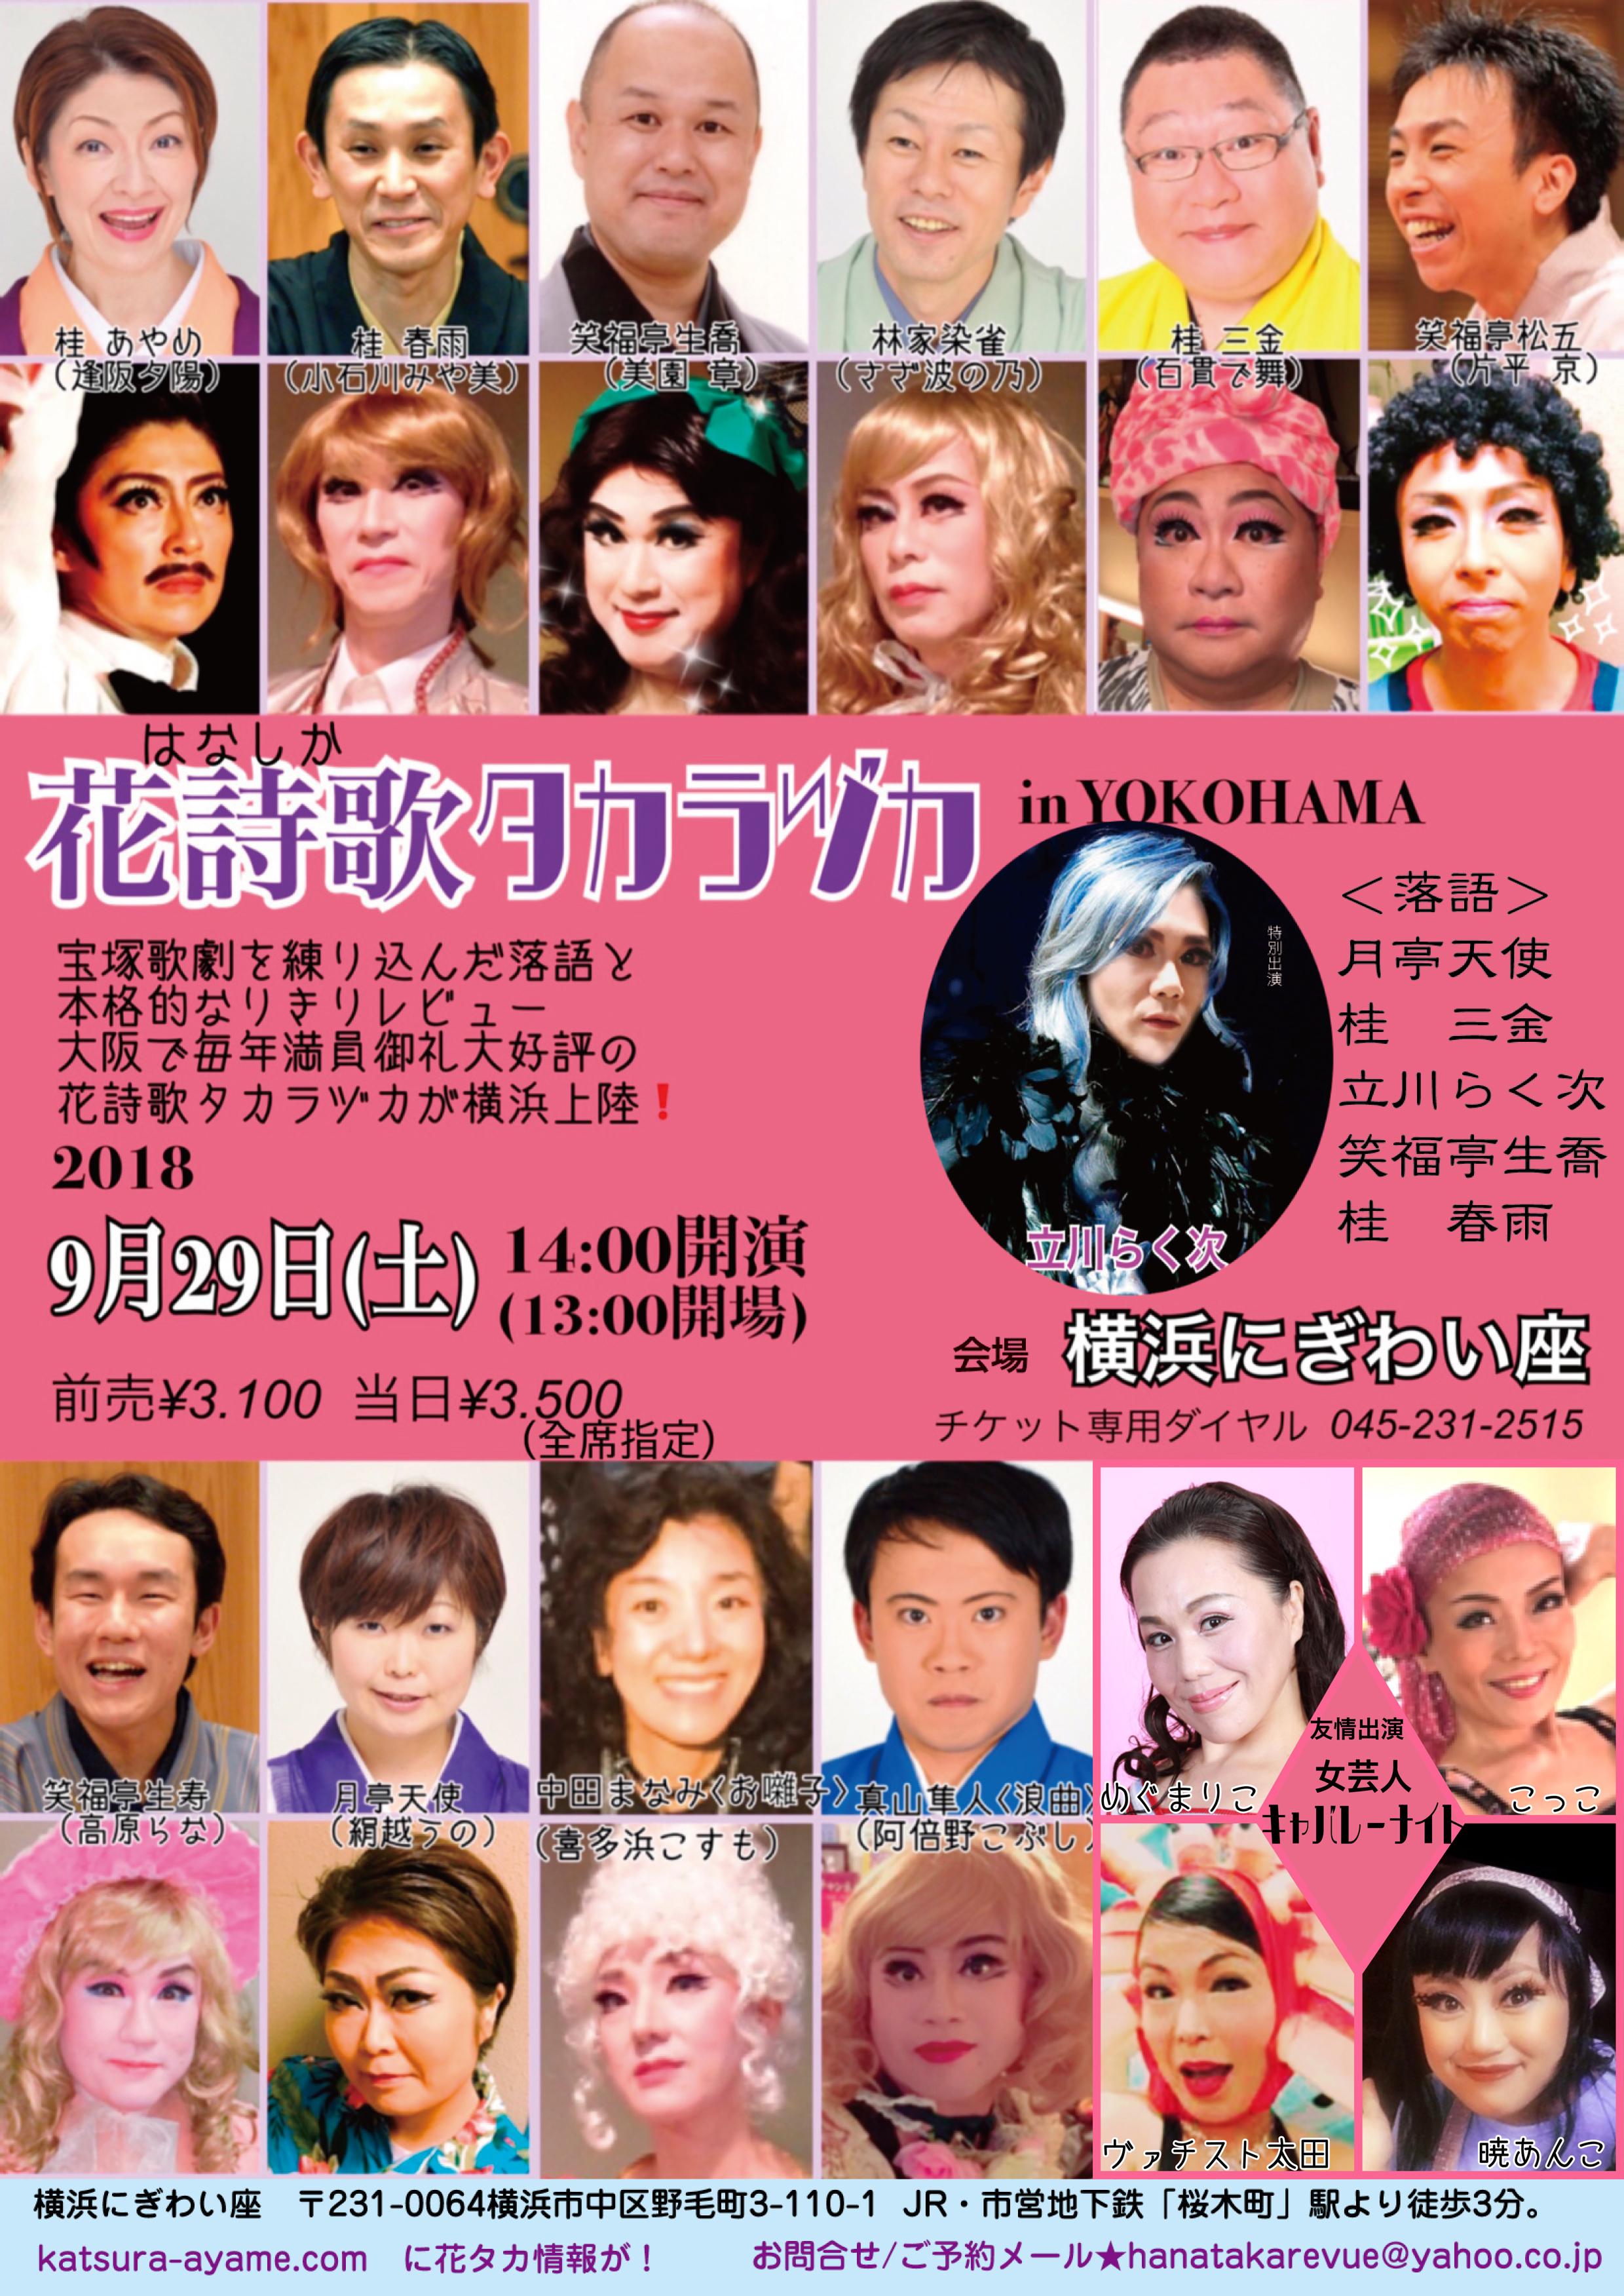 花詩歌タカラヅカ公演情報